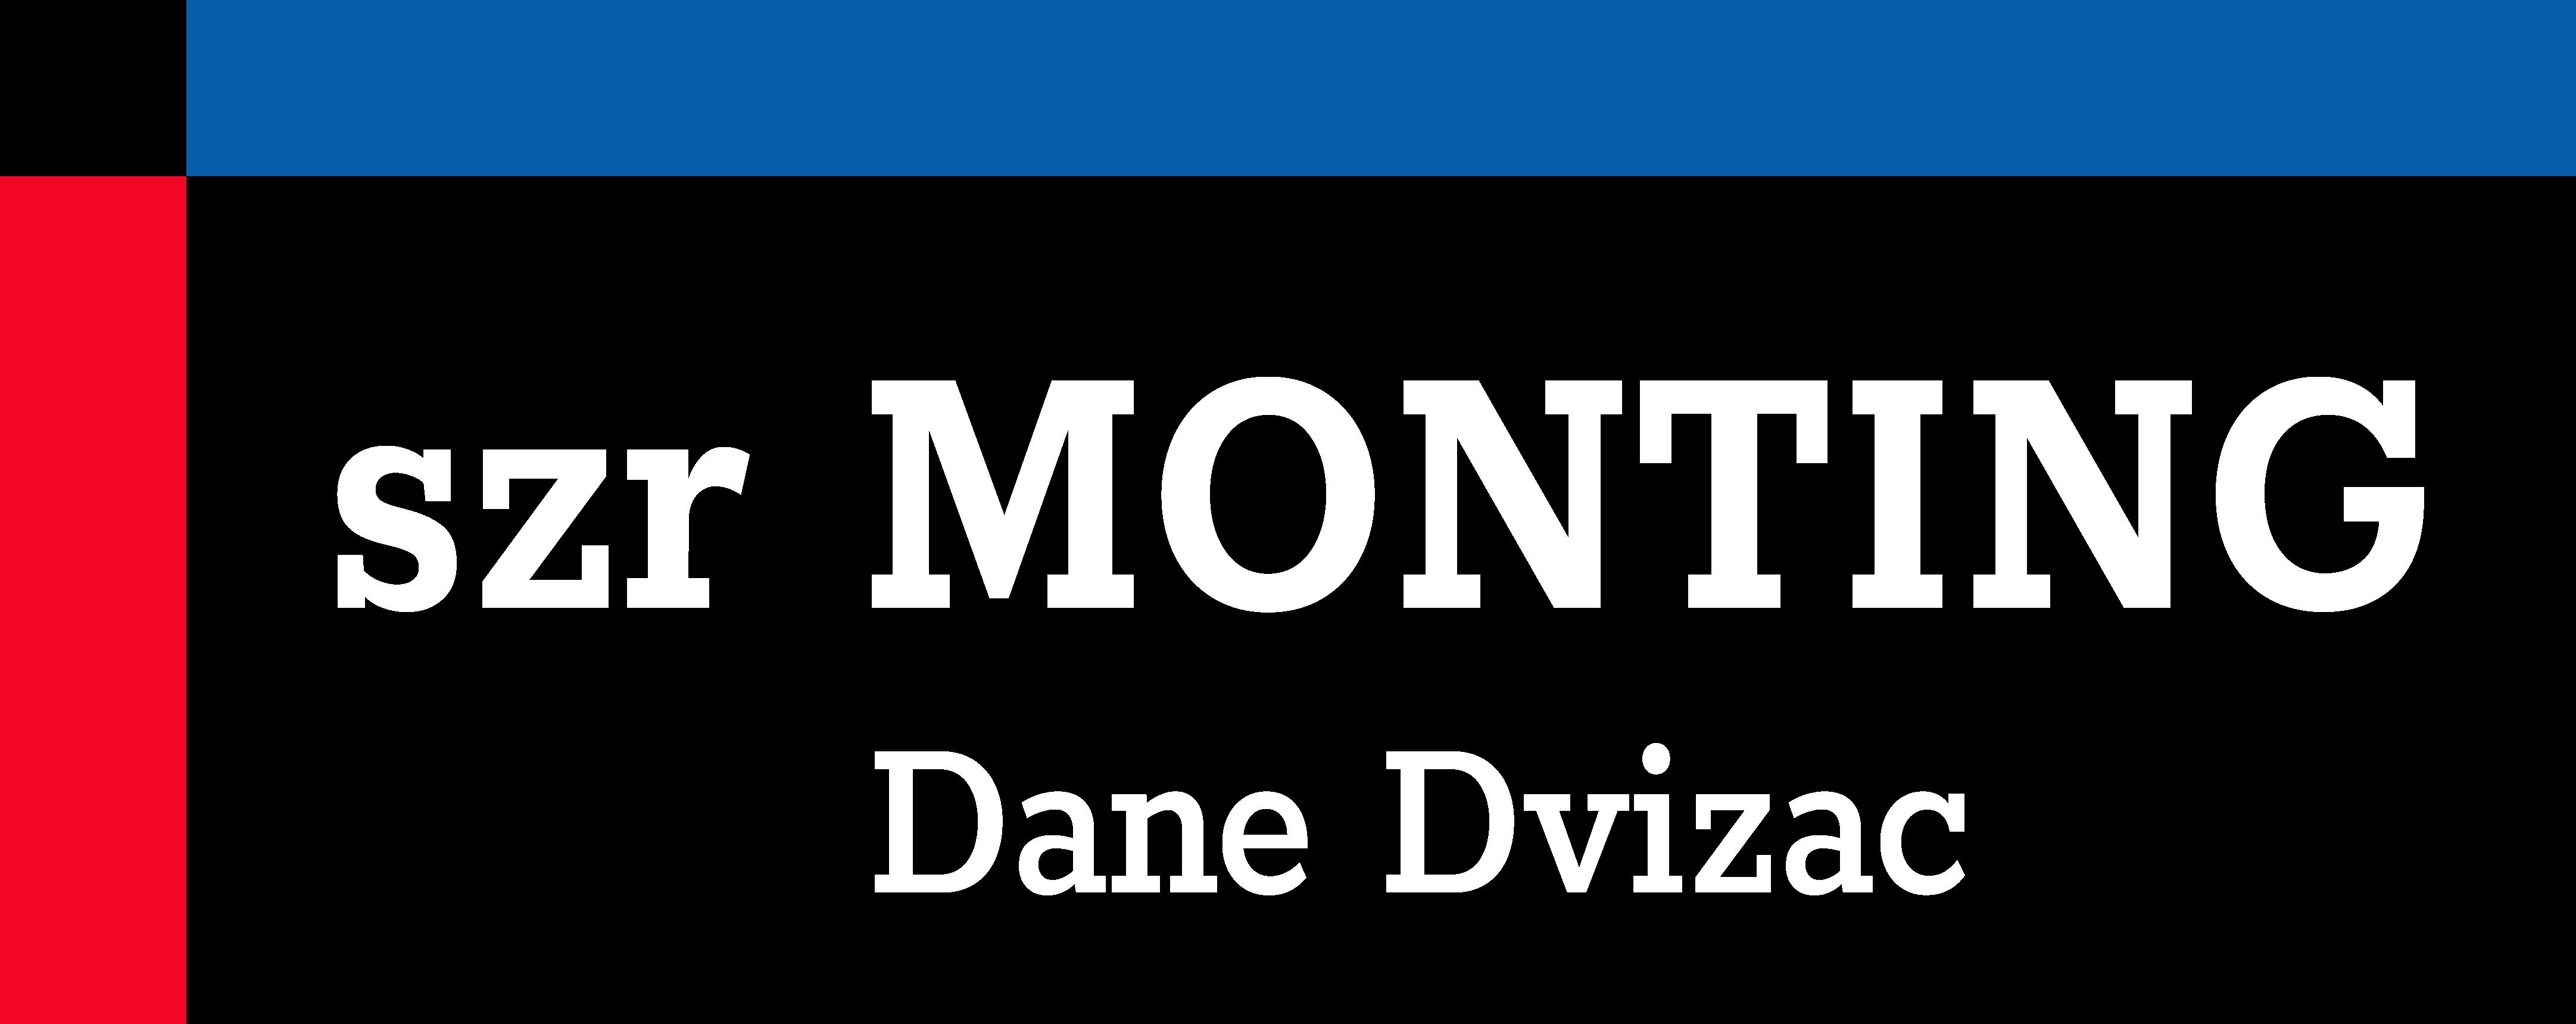 szr MONTING – Dane Dvizac | Gipsani radovi, spušteni plafoni, pregradni zidovi, odličan odnos cene i kvaliteta – Novi Sad